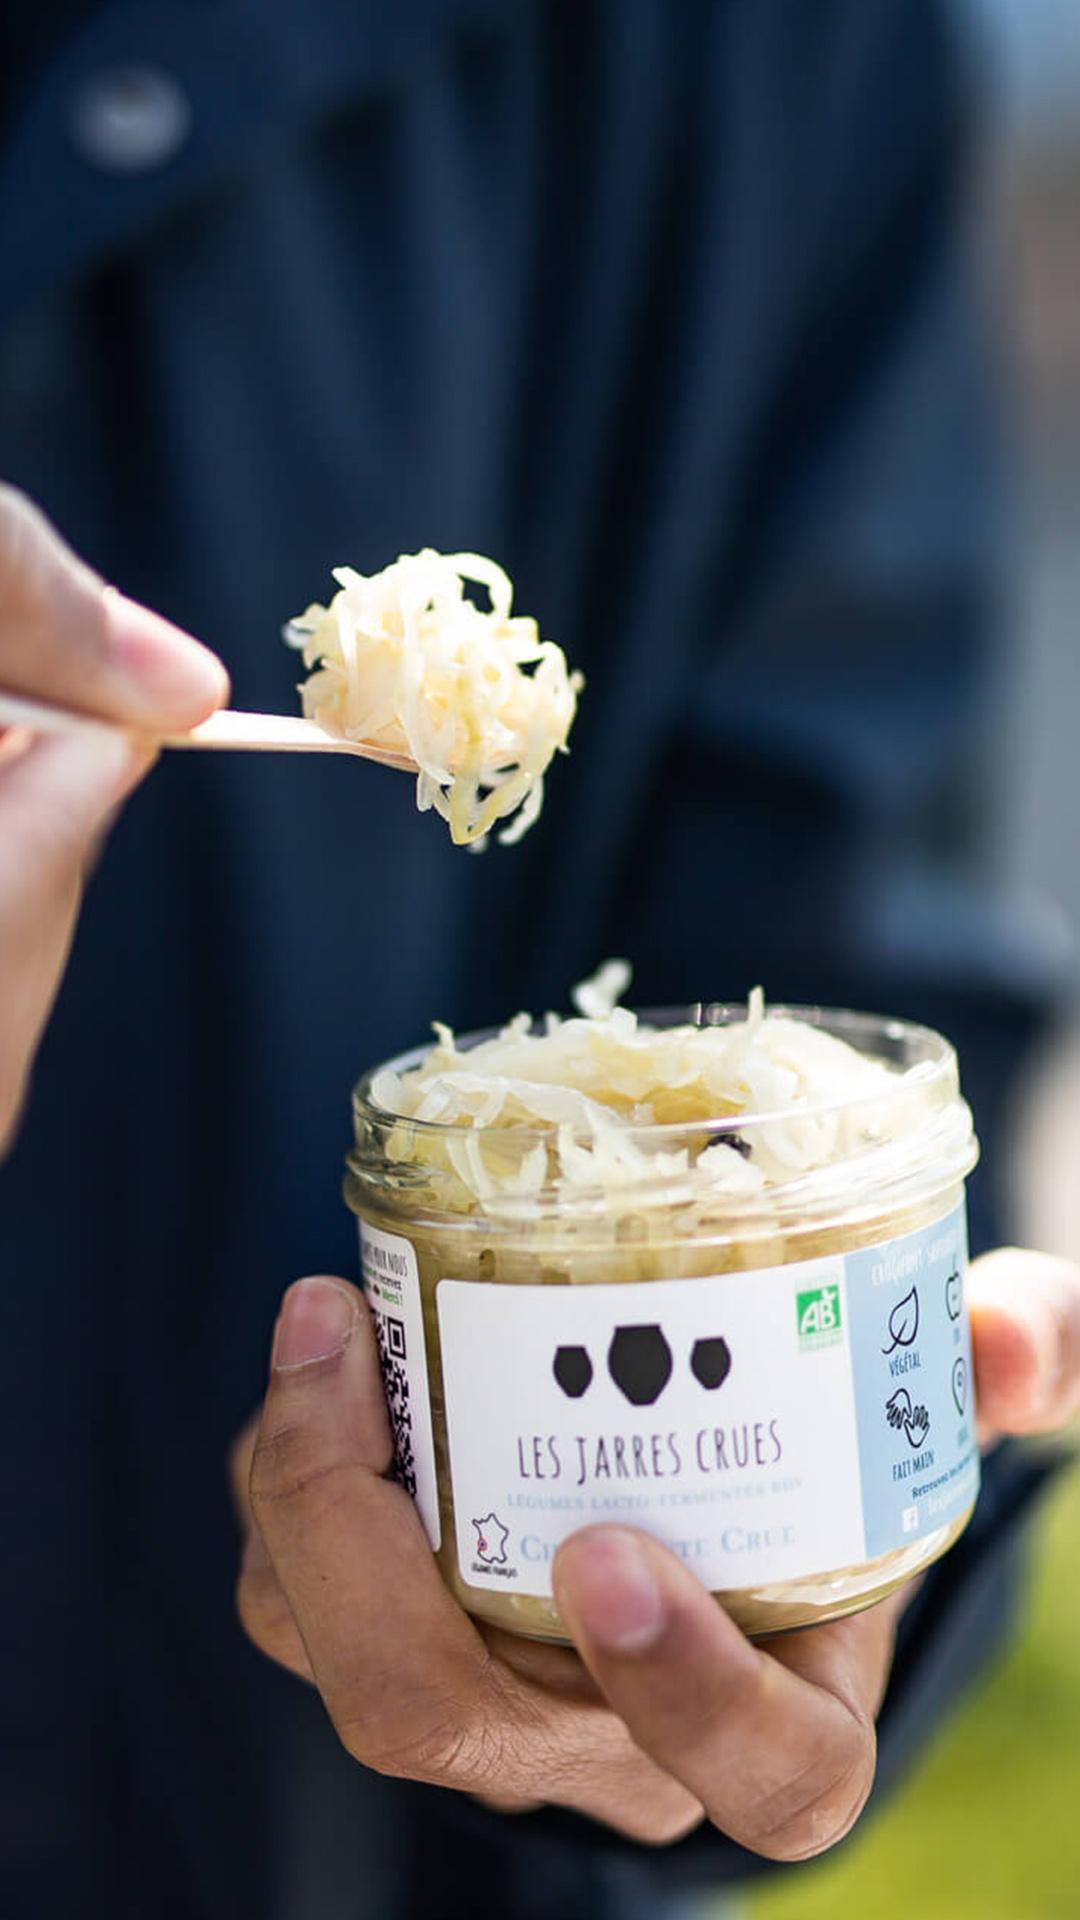 La choucroute est un aliment lacto-fermentée crue